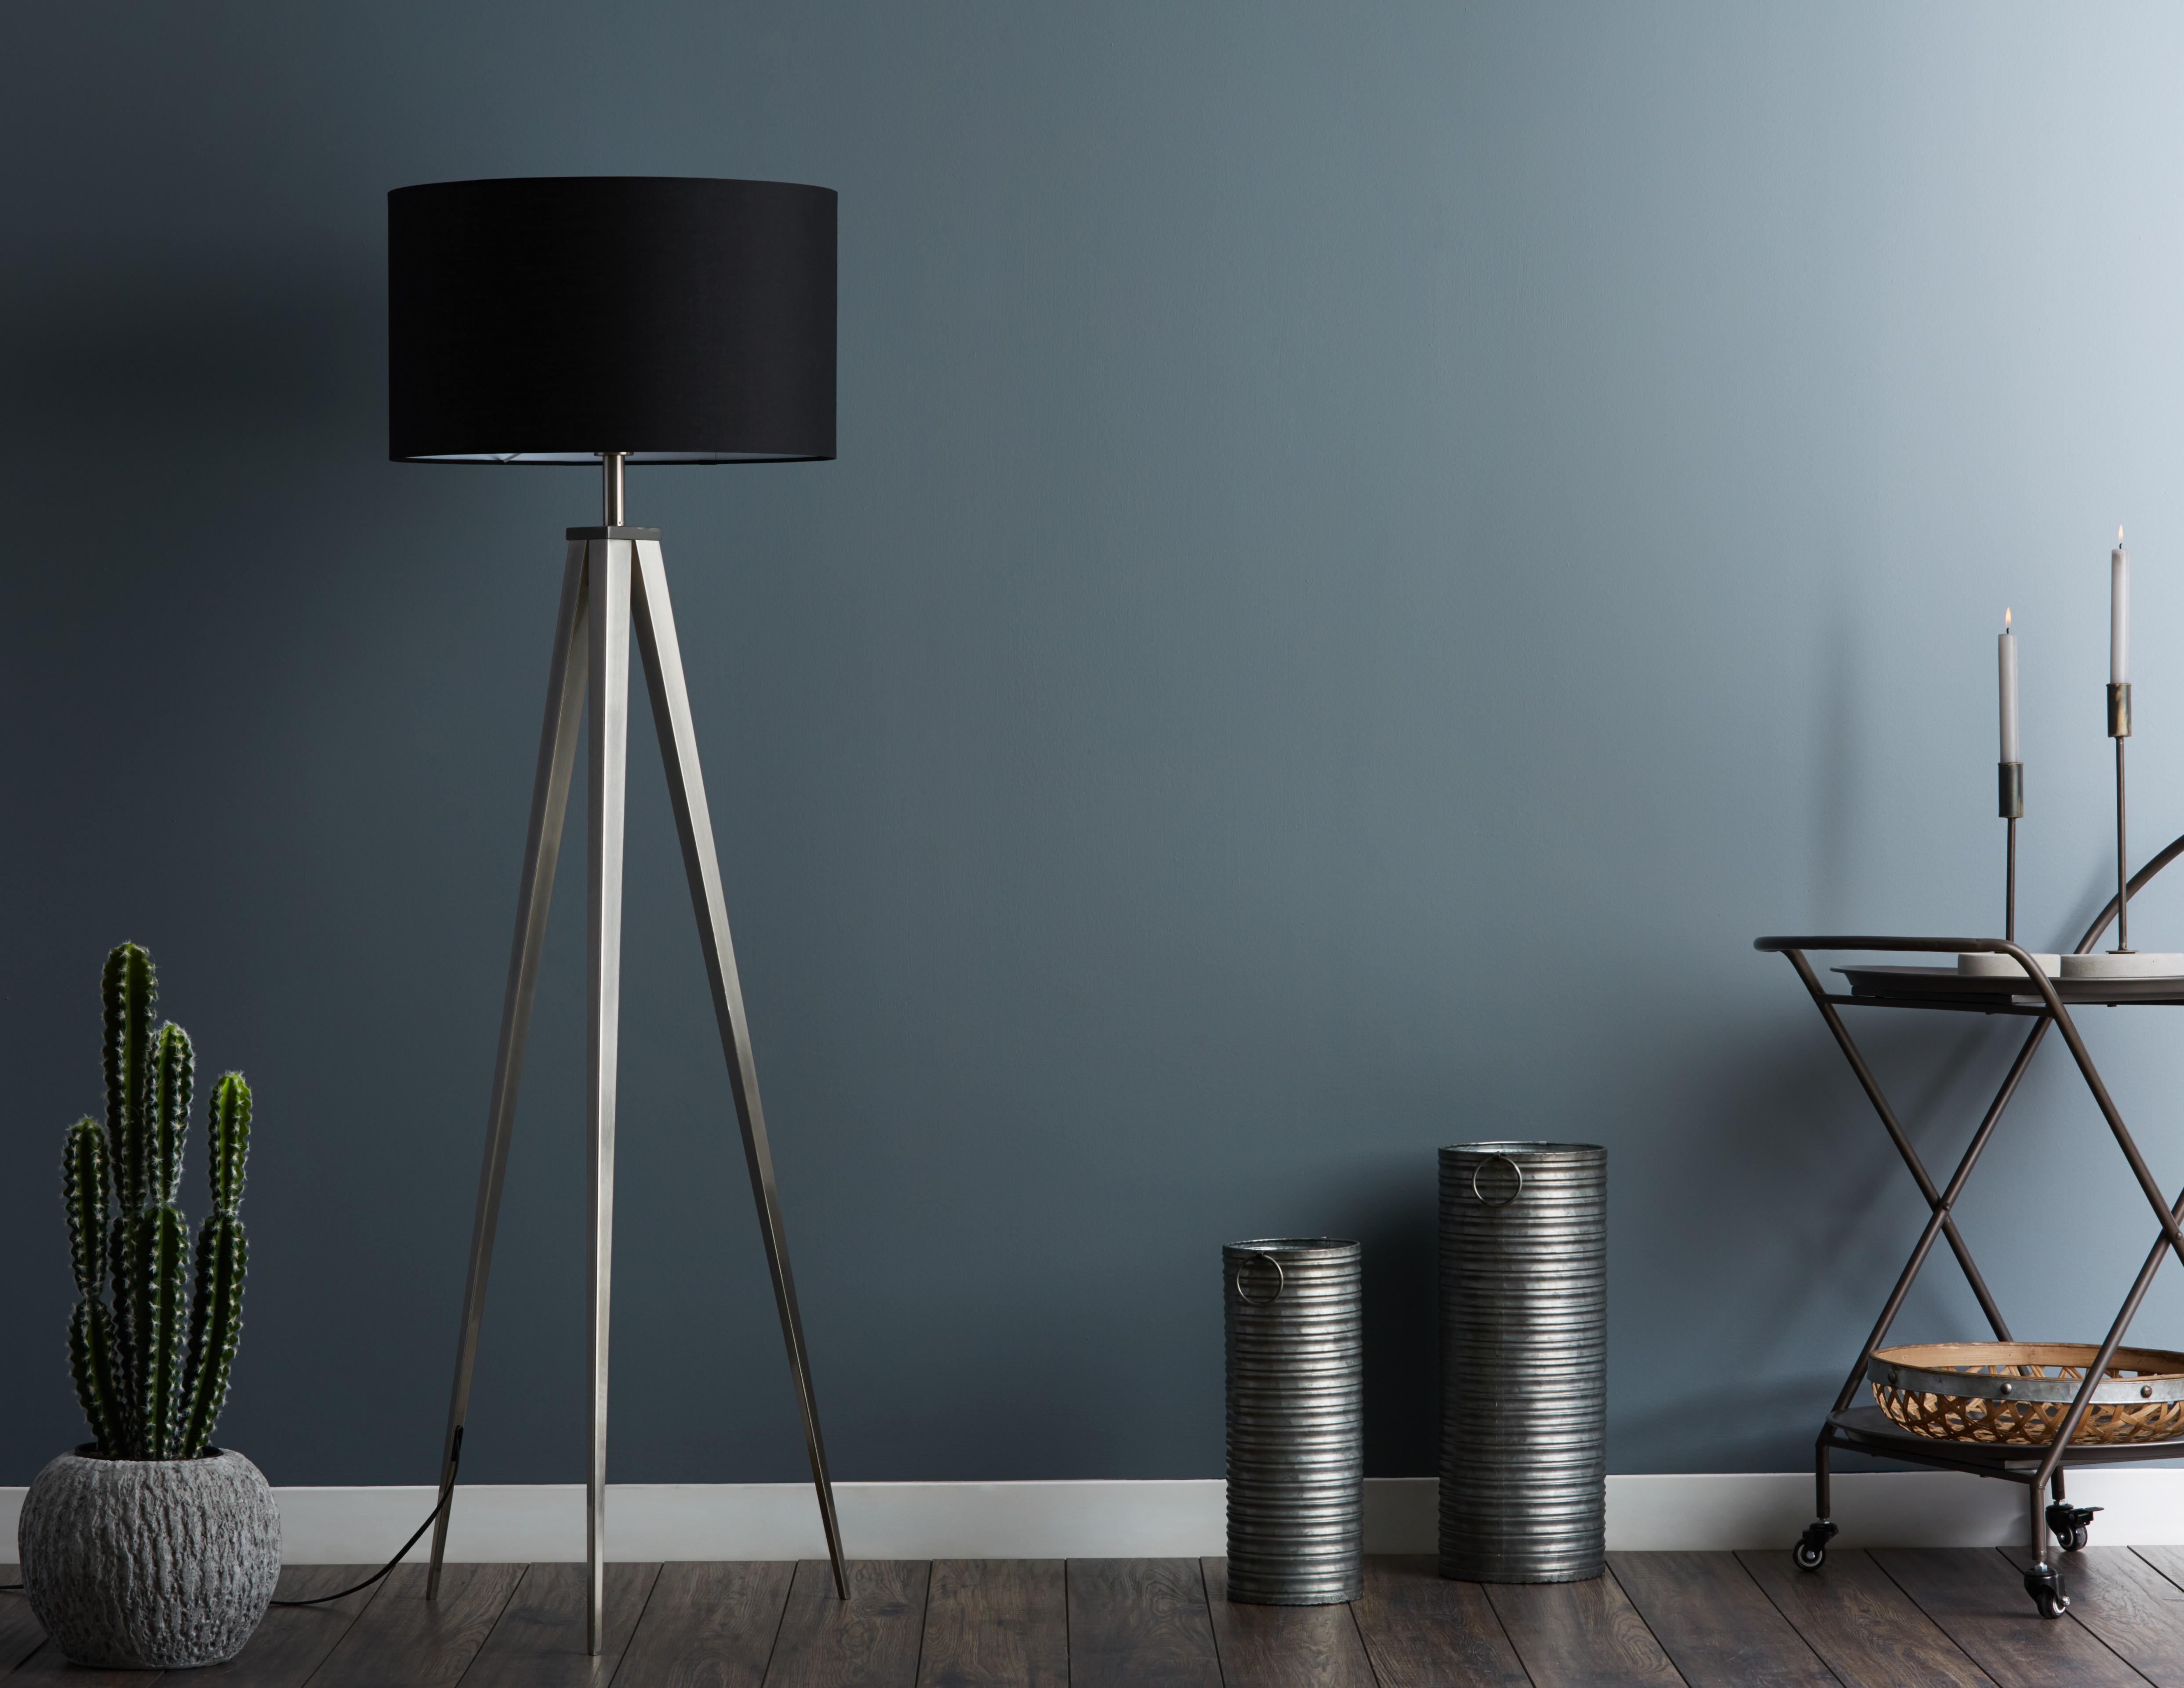 Lampe Salon Salle À Manger Épinglé par tony pereira sur looking west 2 en 2020 | lampe